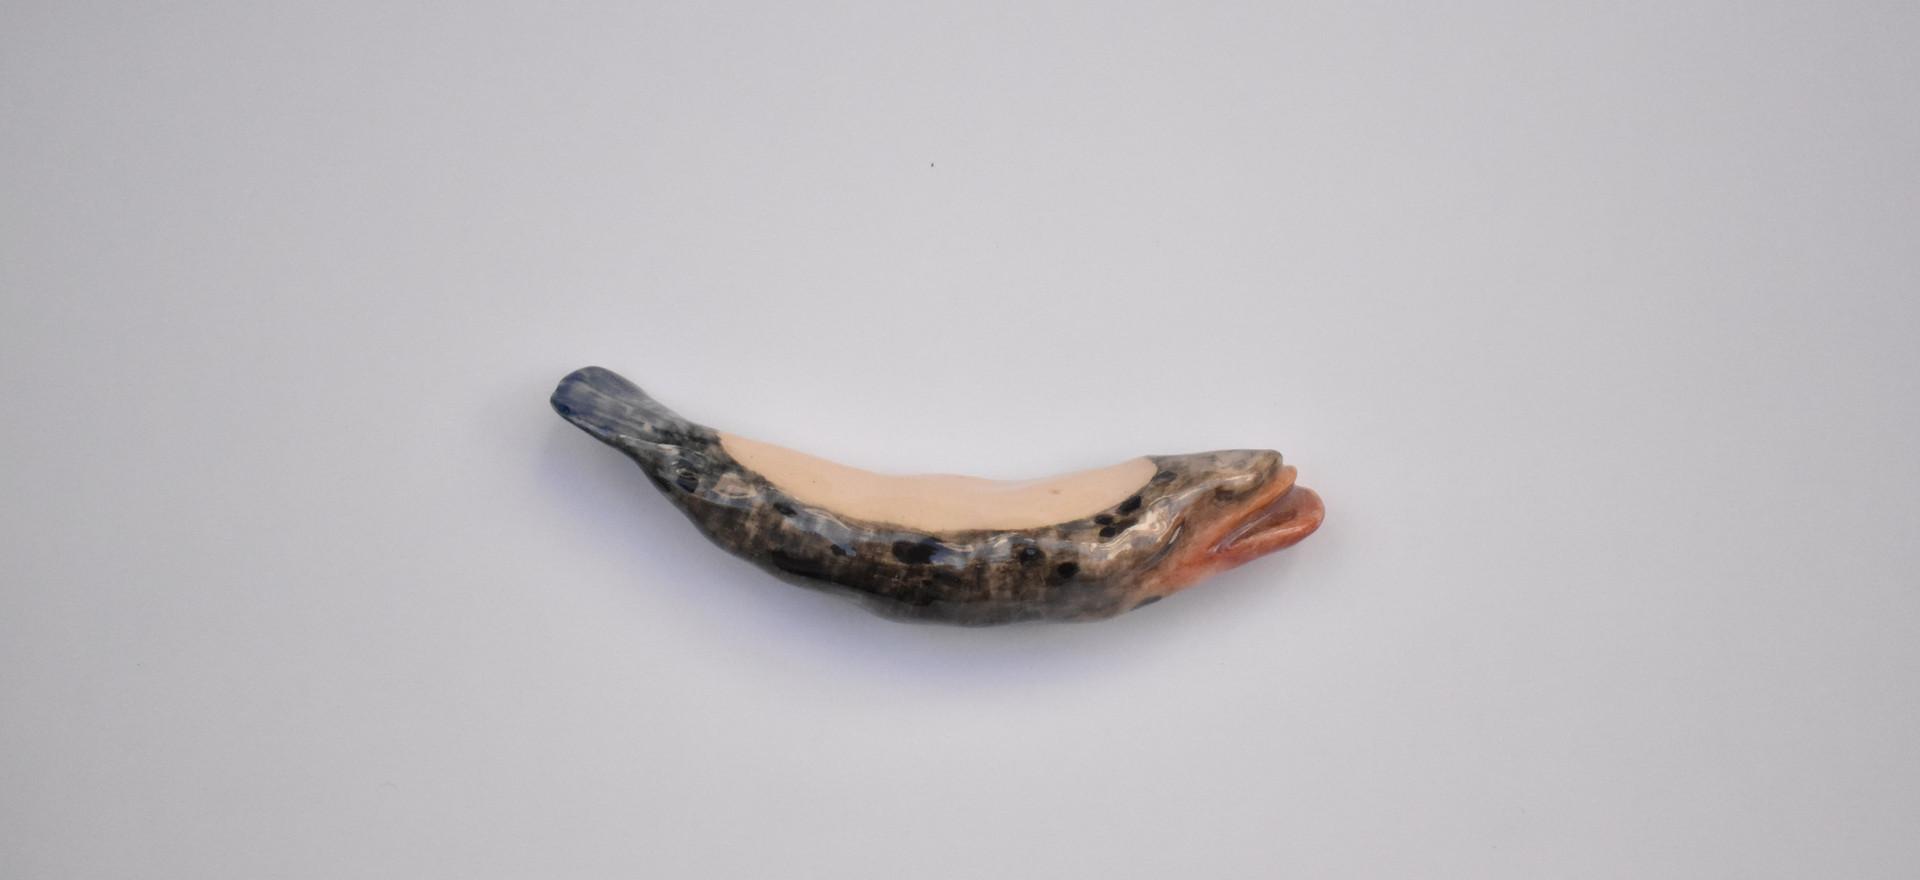 Gorgon IV  2020  Stoneware clay, ceramic stains, ceramic glaze 12x2.5x2 cm